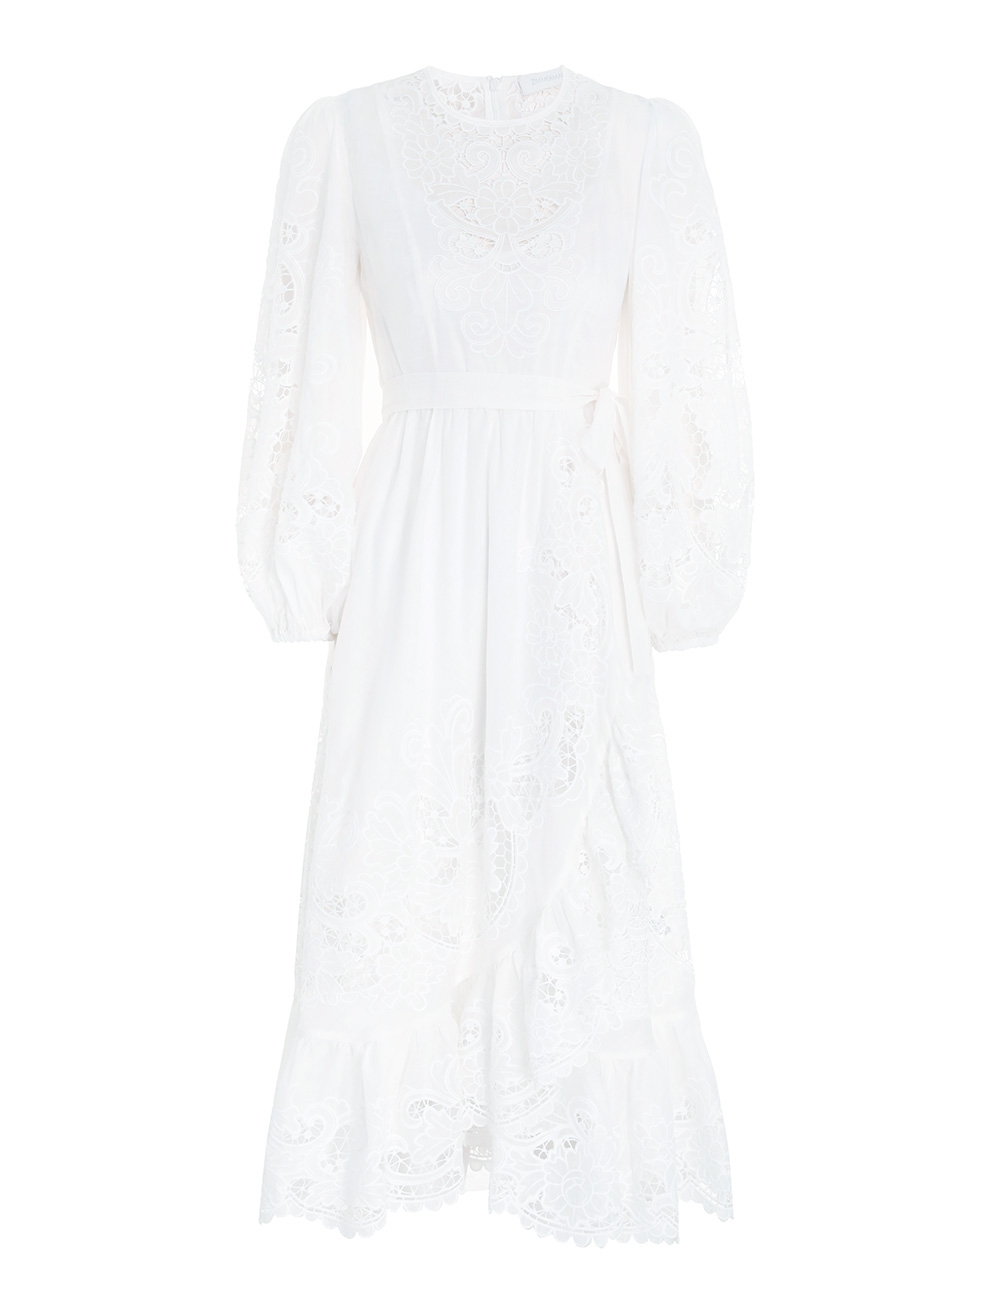 Lulu Scallop Frill Dress